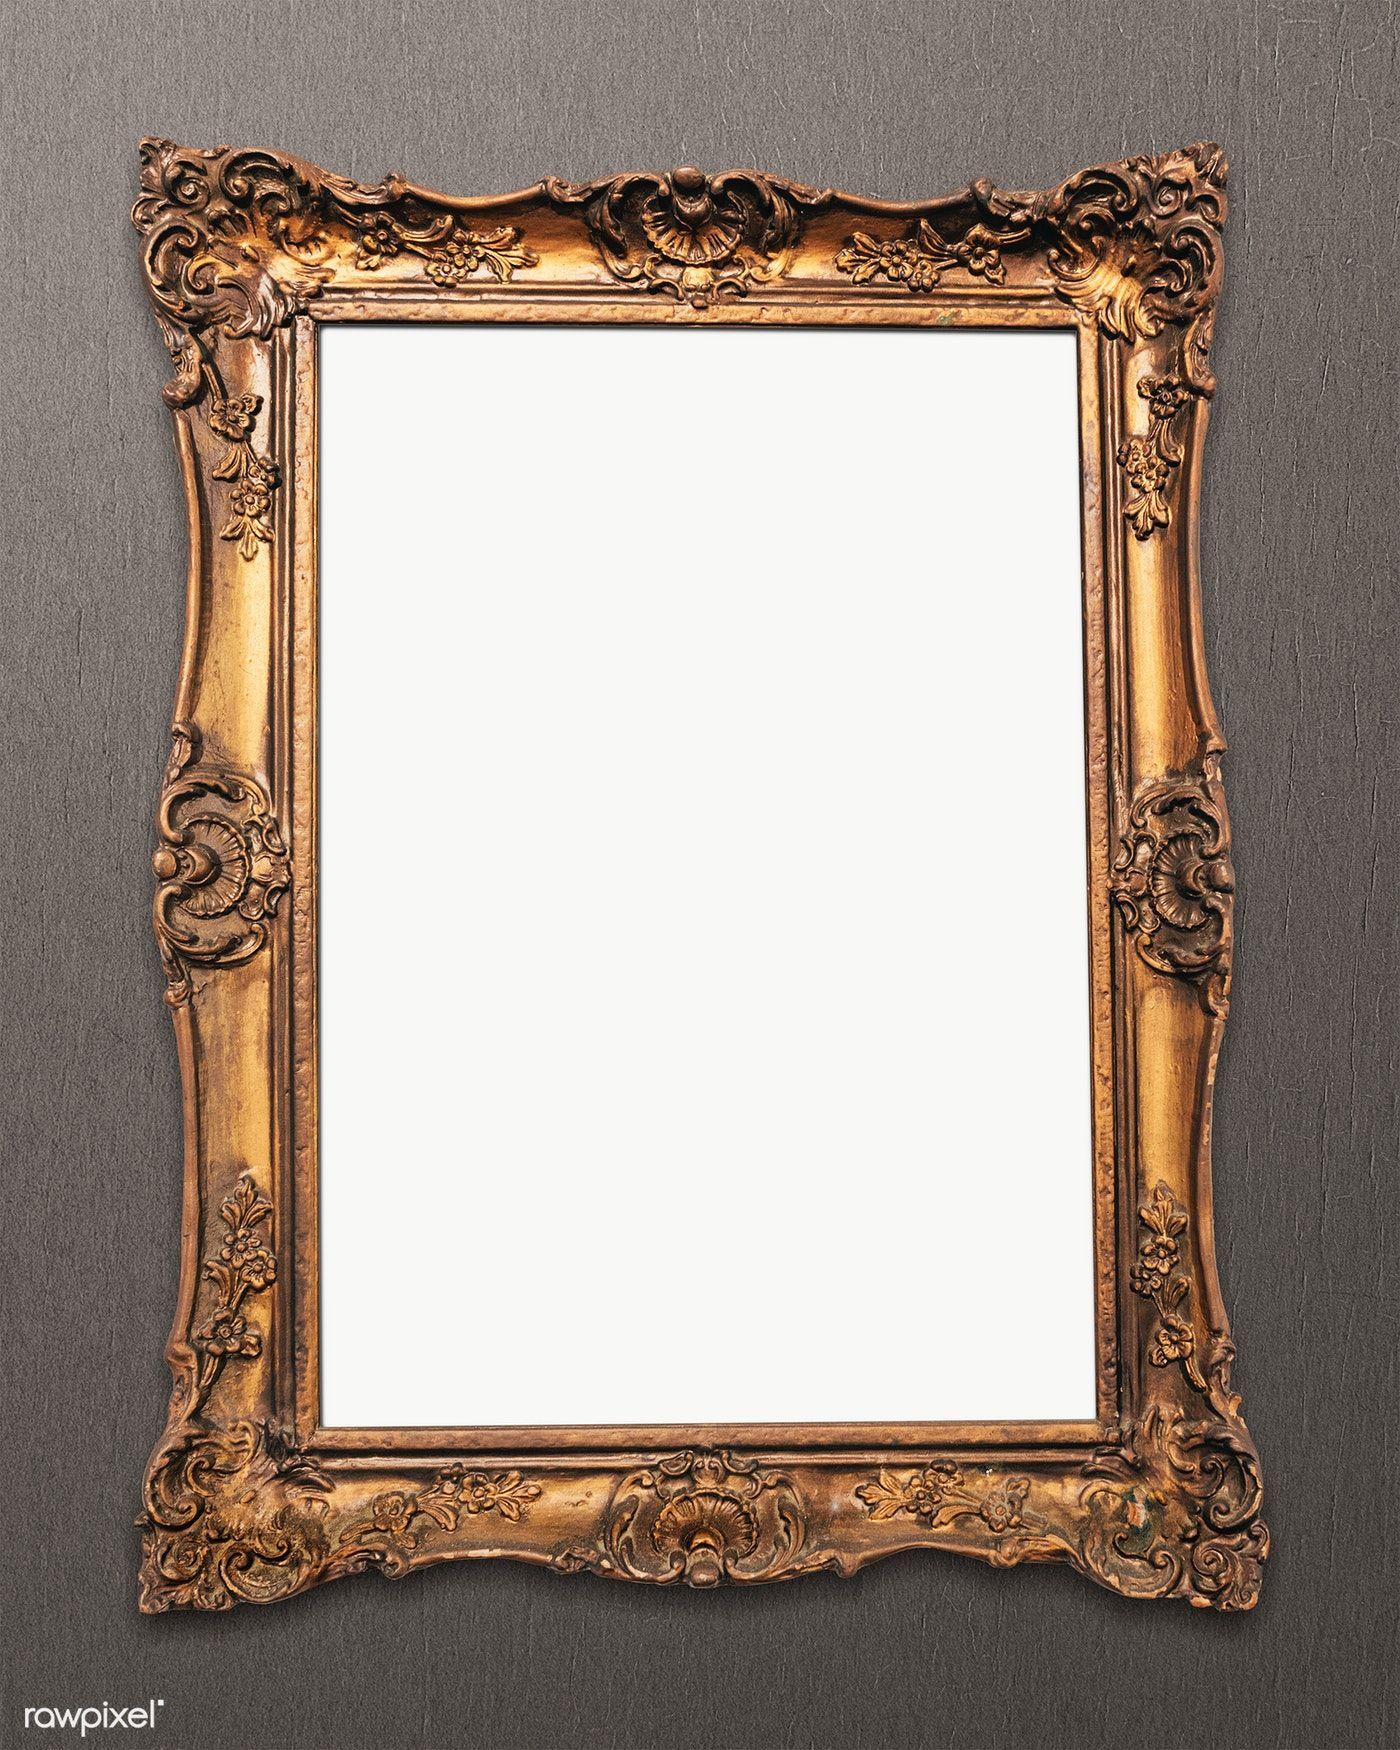 Vintage Gold Picture Frame Mockup Transparent Png Premium Image By Rawpixel Com Jira Gold Picture Frames Transparent Picture Frames Vintage Picture Frames